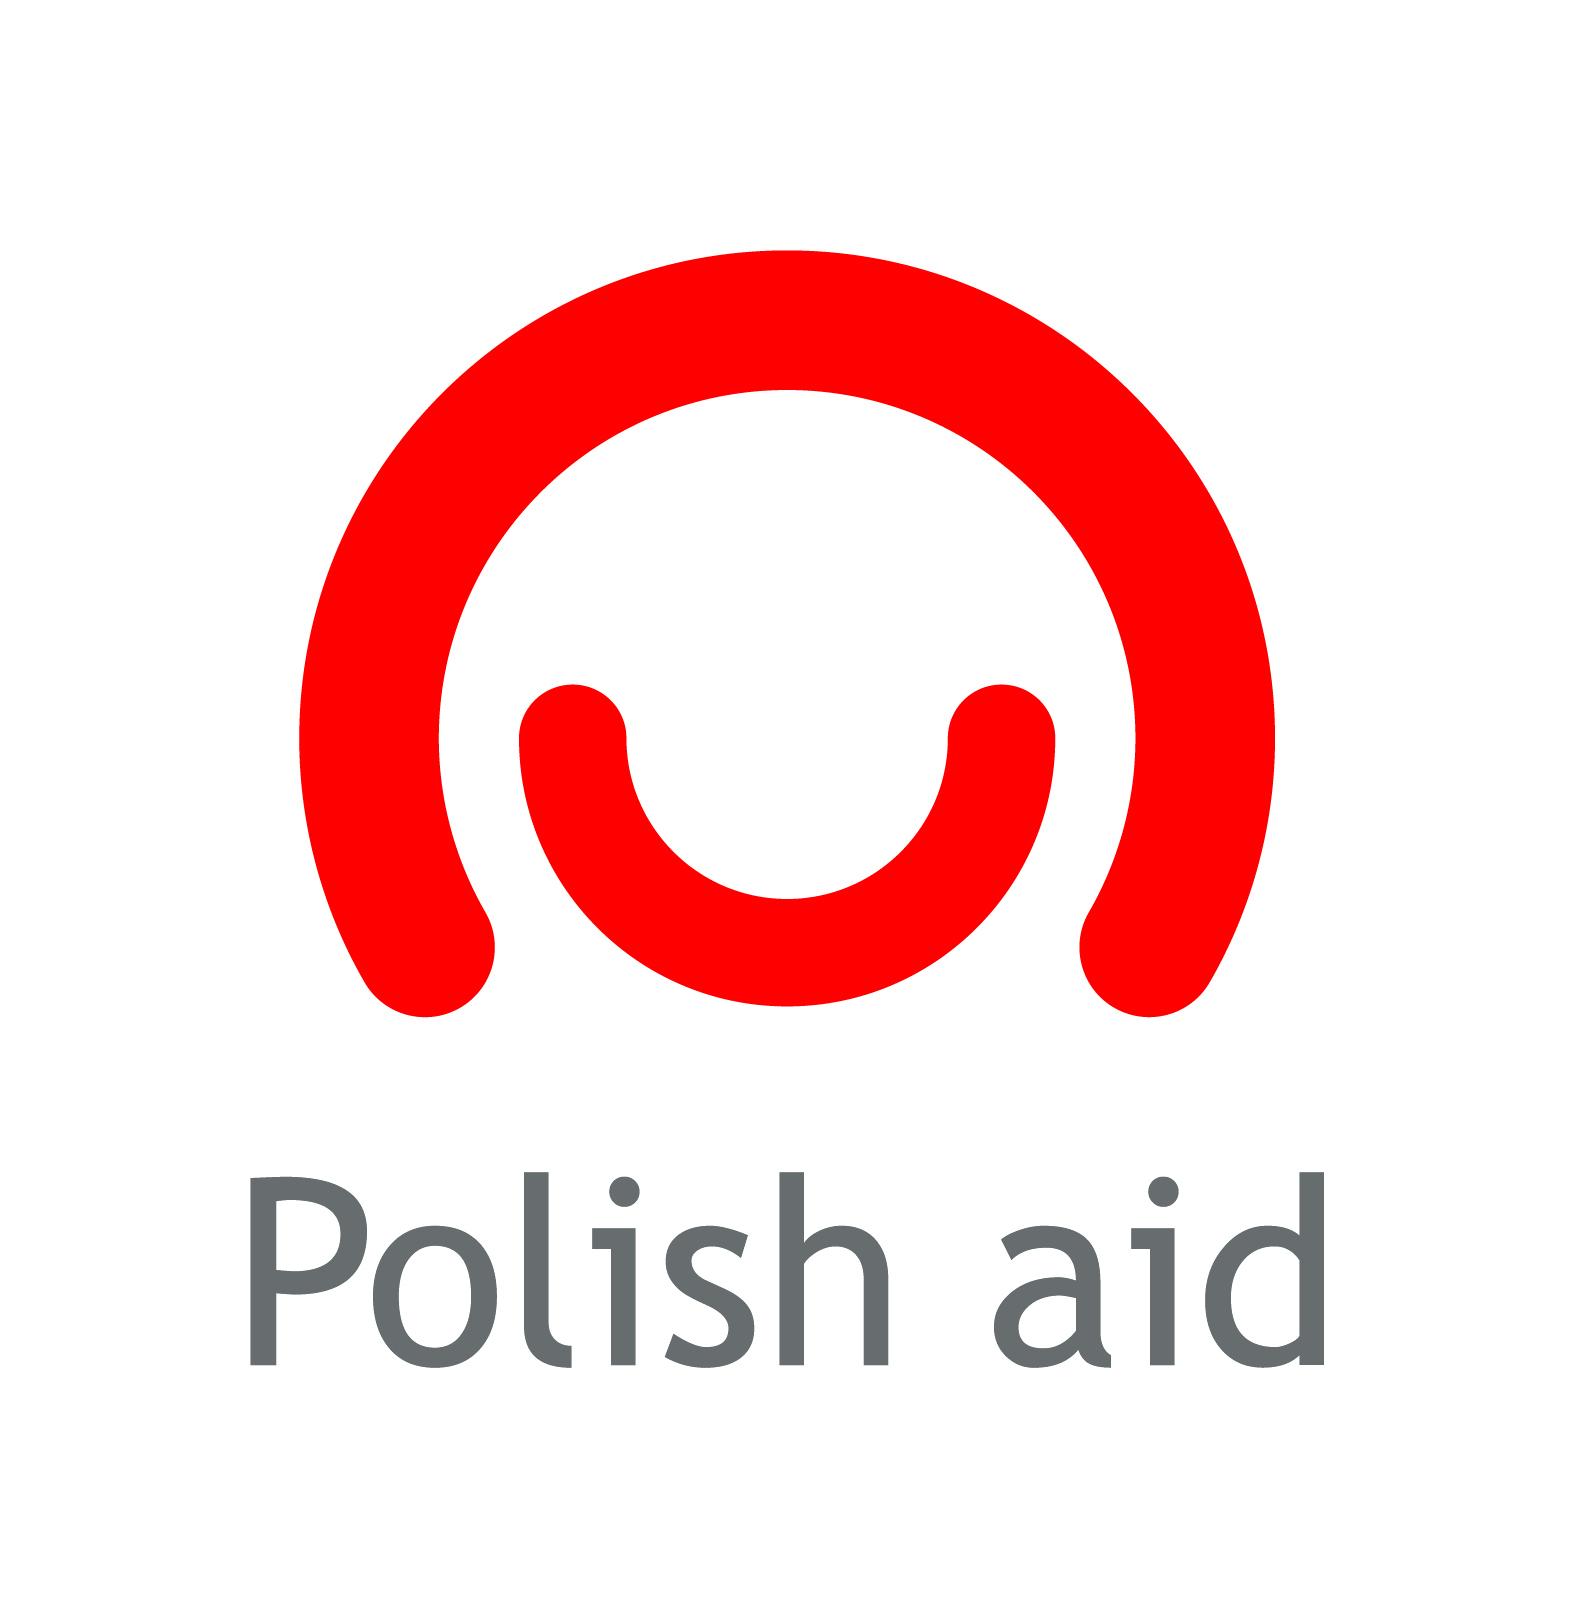 logotyp angielski zgodny z ksiega znaku